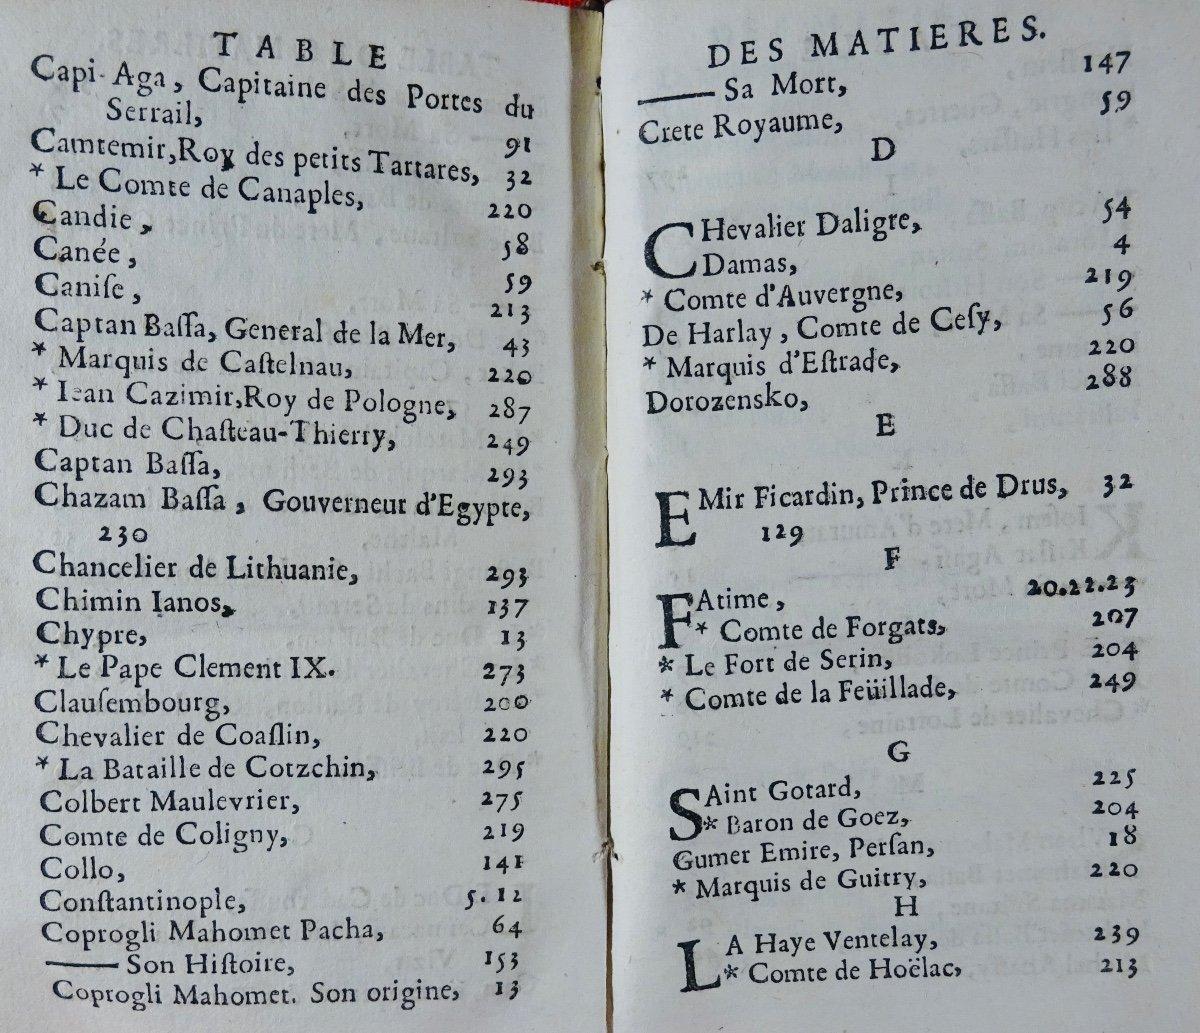 [chassepol] - Histoire Des Grands Vizirs Mahomet Coprogli-pacha, Et Ahcmet Coprogli-pacha. 1676-photo-5